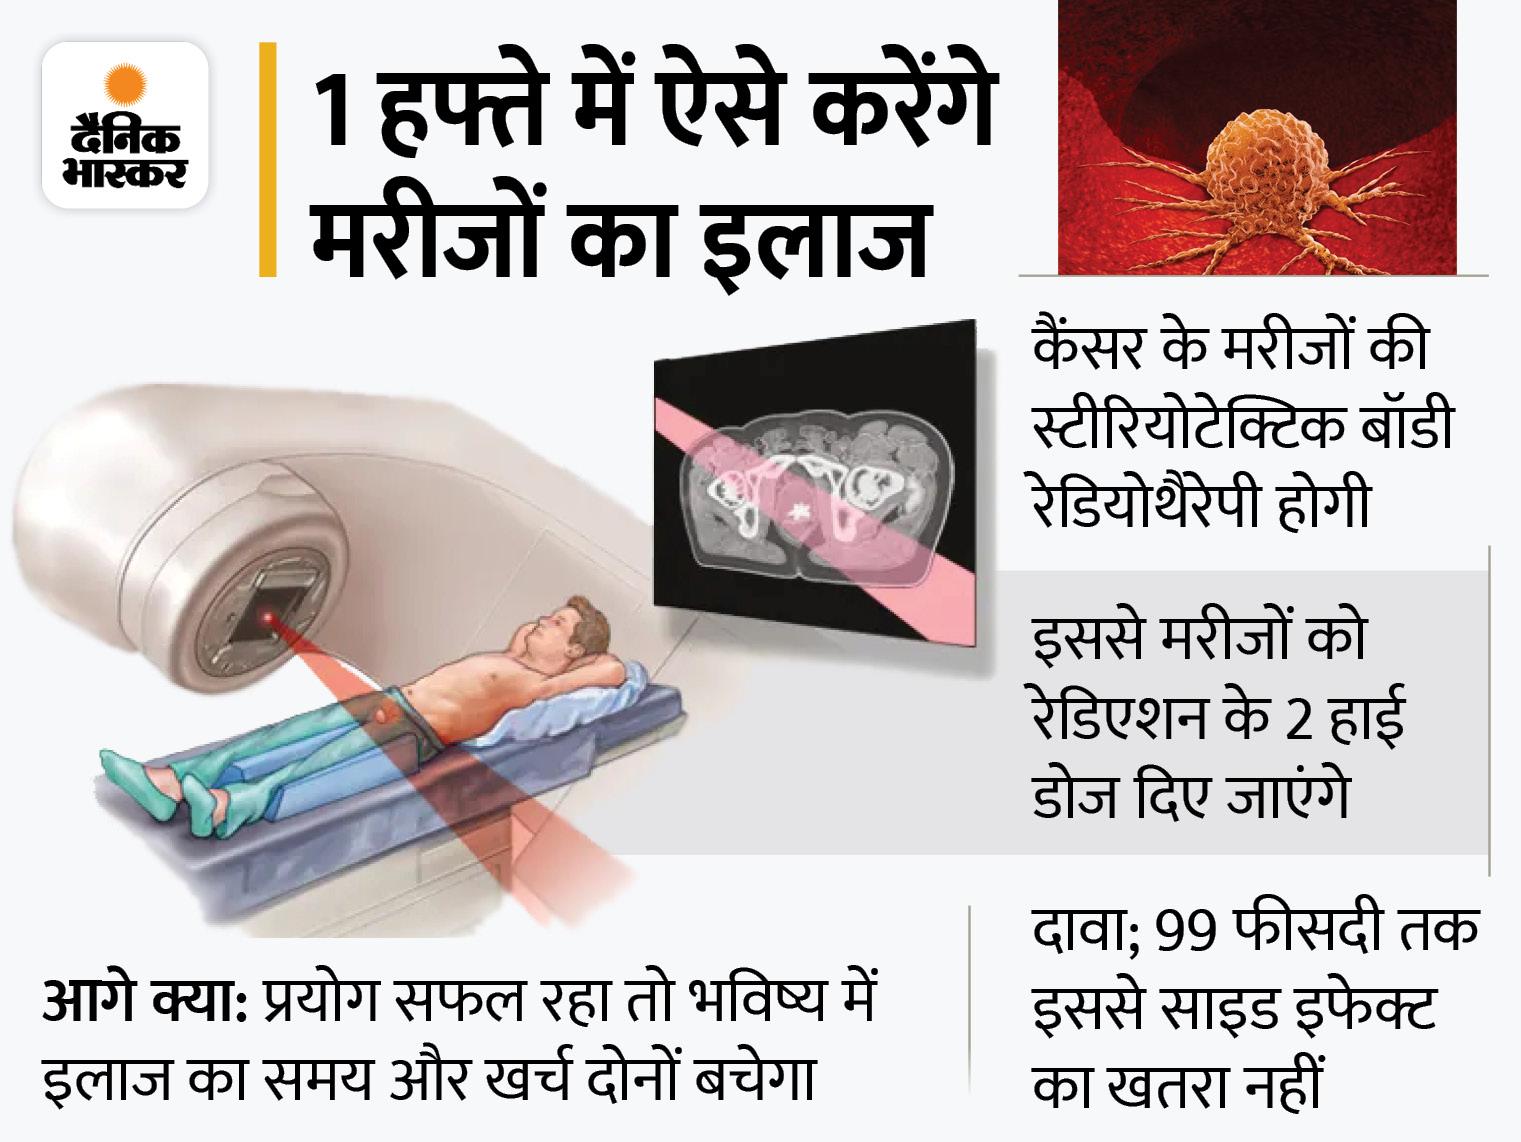 प्रोस्टेट कैंसर का एक हफ्ते में होगा इलाज, रेडिएशन की 2 हाई डोज से ट्यूमर खत्म करेंगे एक्सपर्ट; जानिए डॉक्टर्स कैसे करेंगे मरीजों का इलाज|लाइफ & साइंस,Happy Life - Dainik Bhaskar